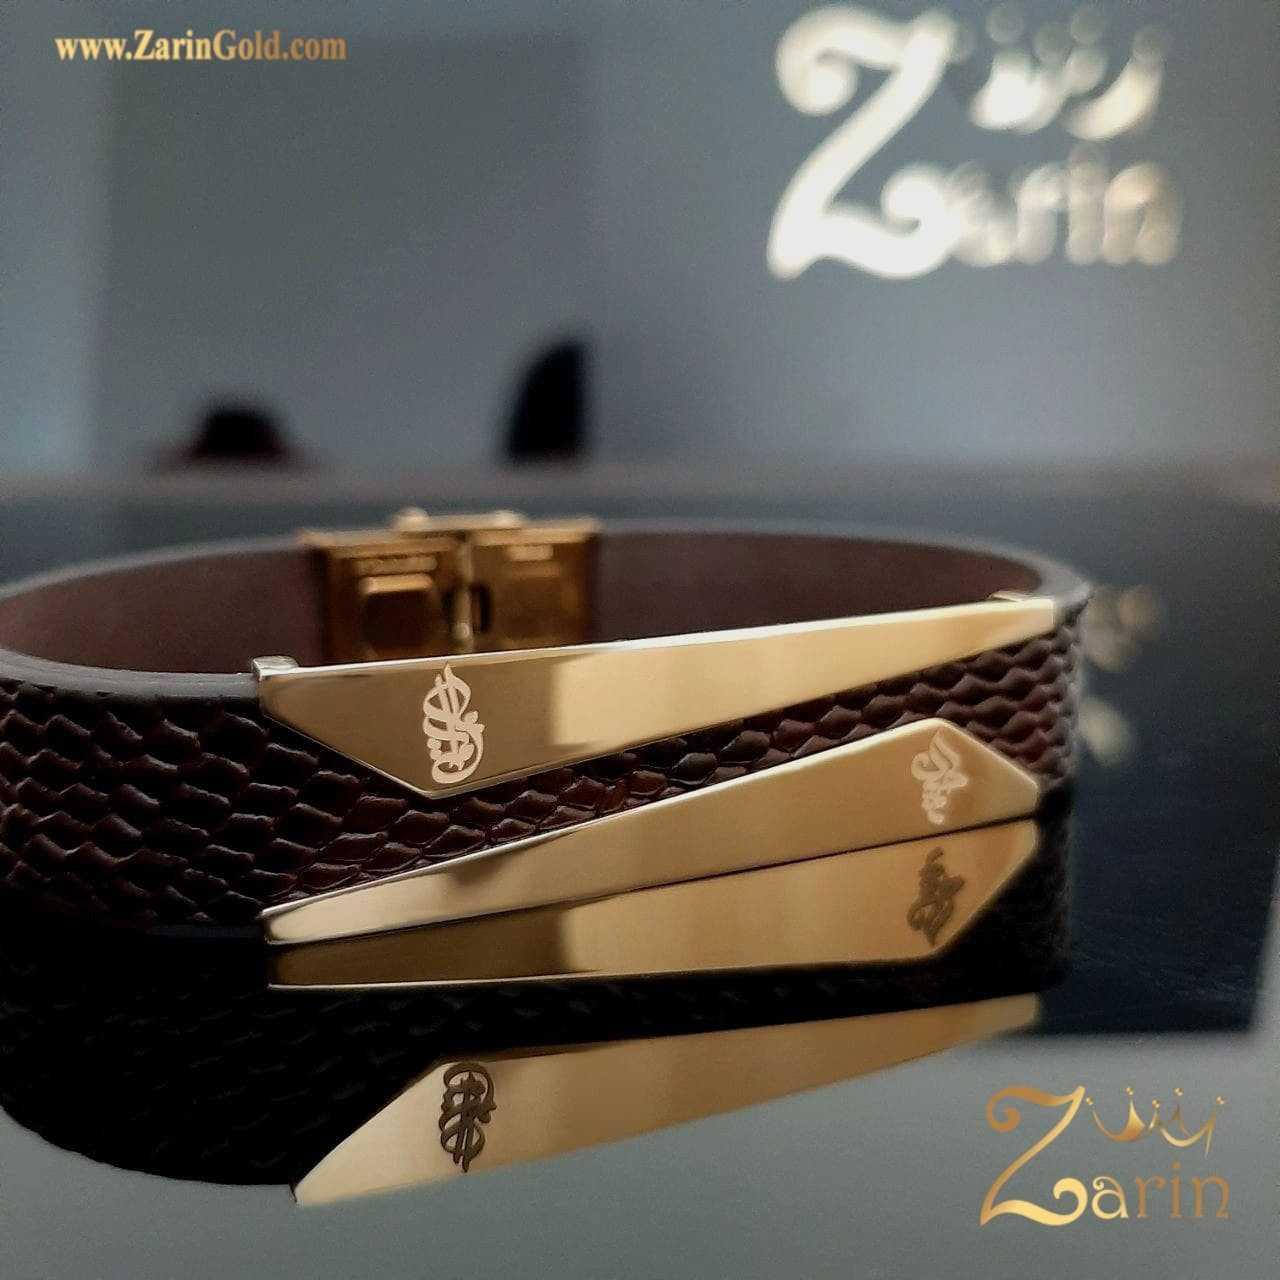 دستبند طلای طرح کات با حک امیرعلی و حمید